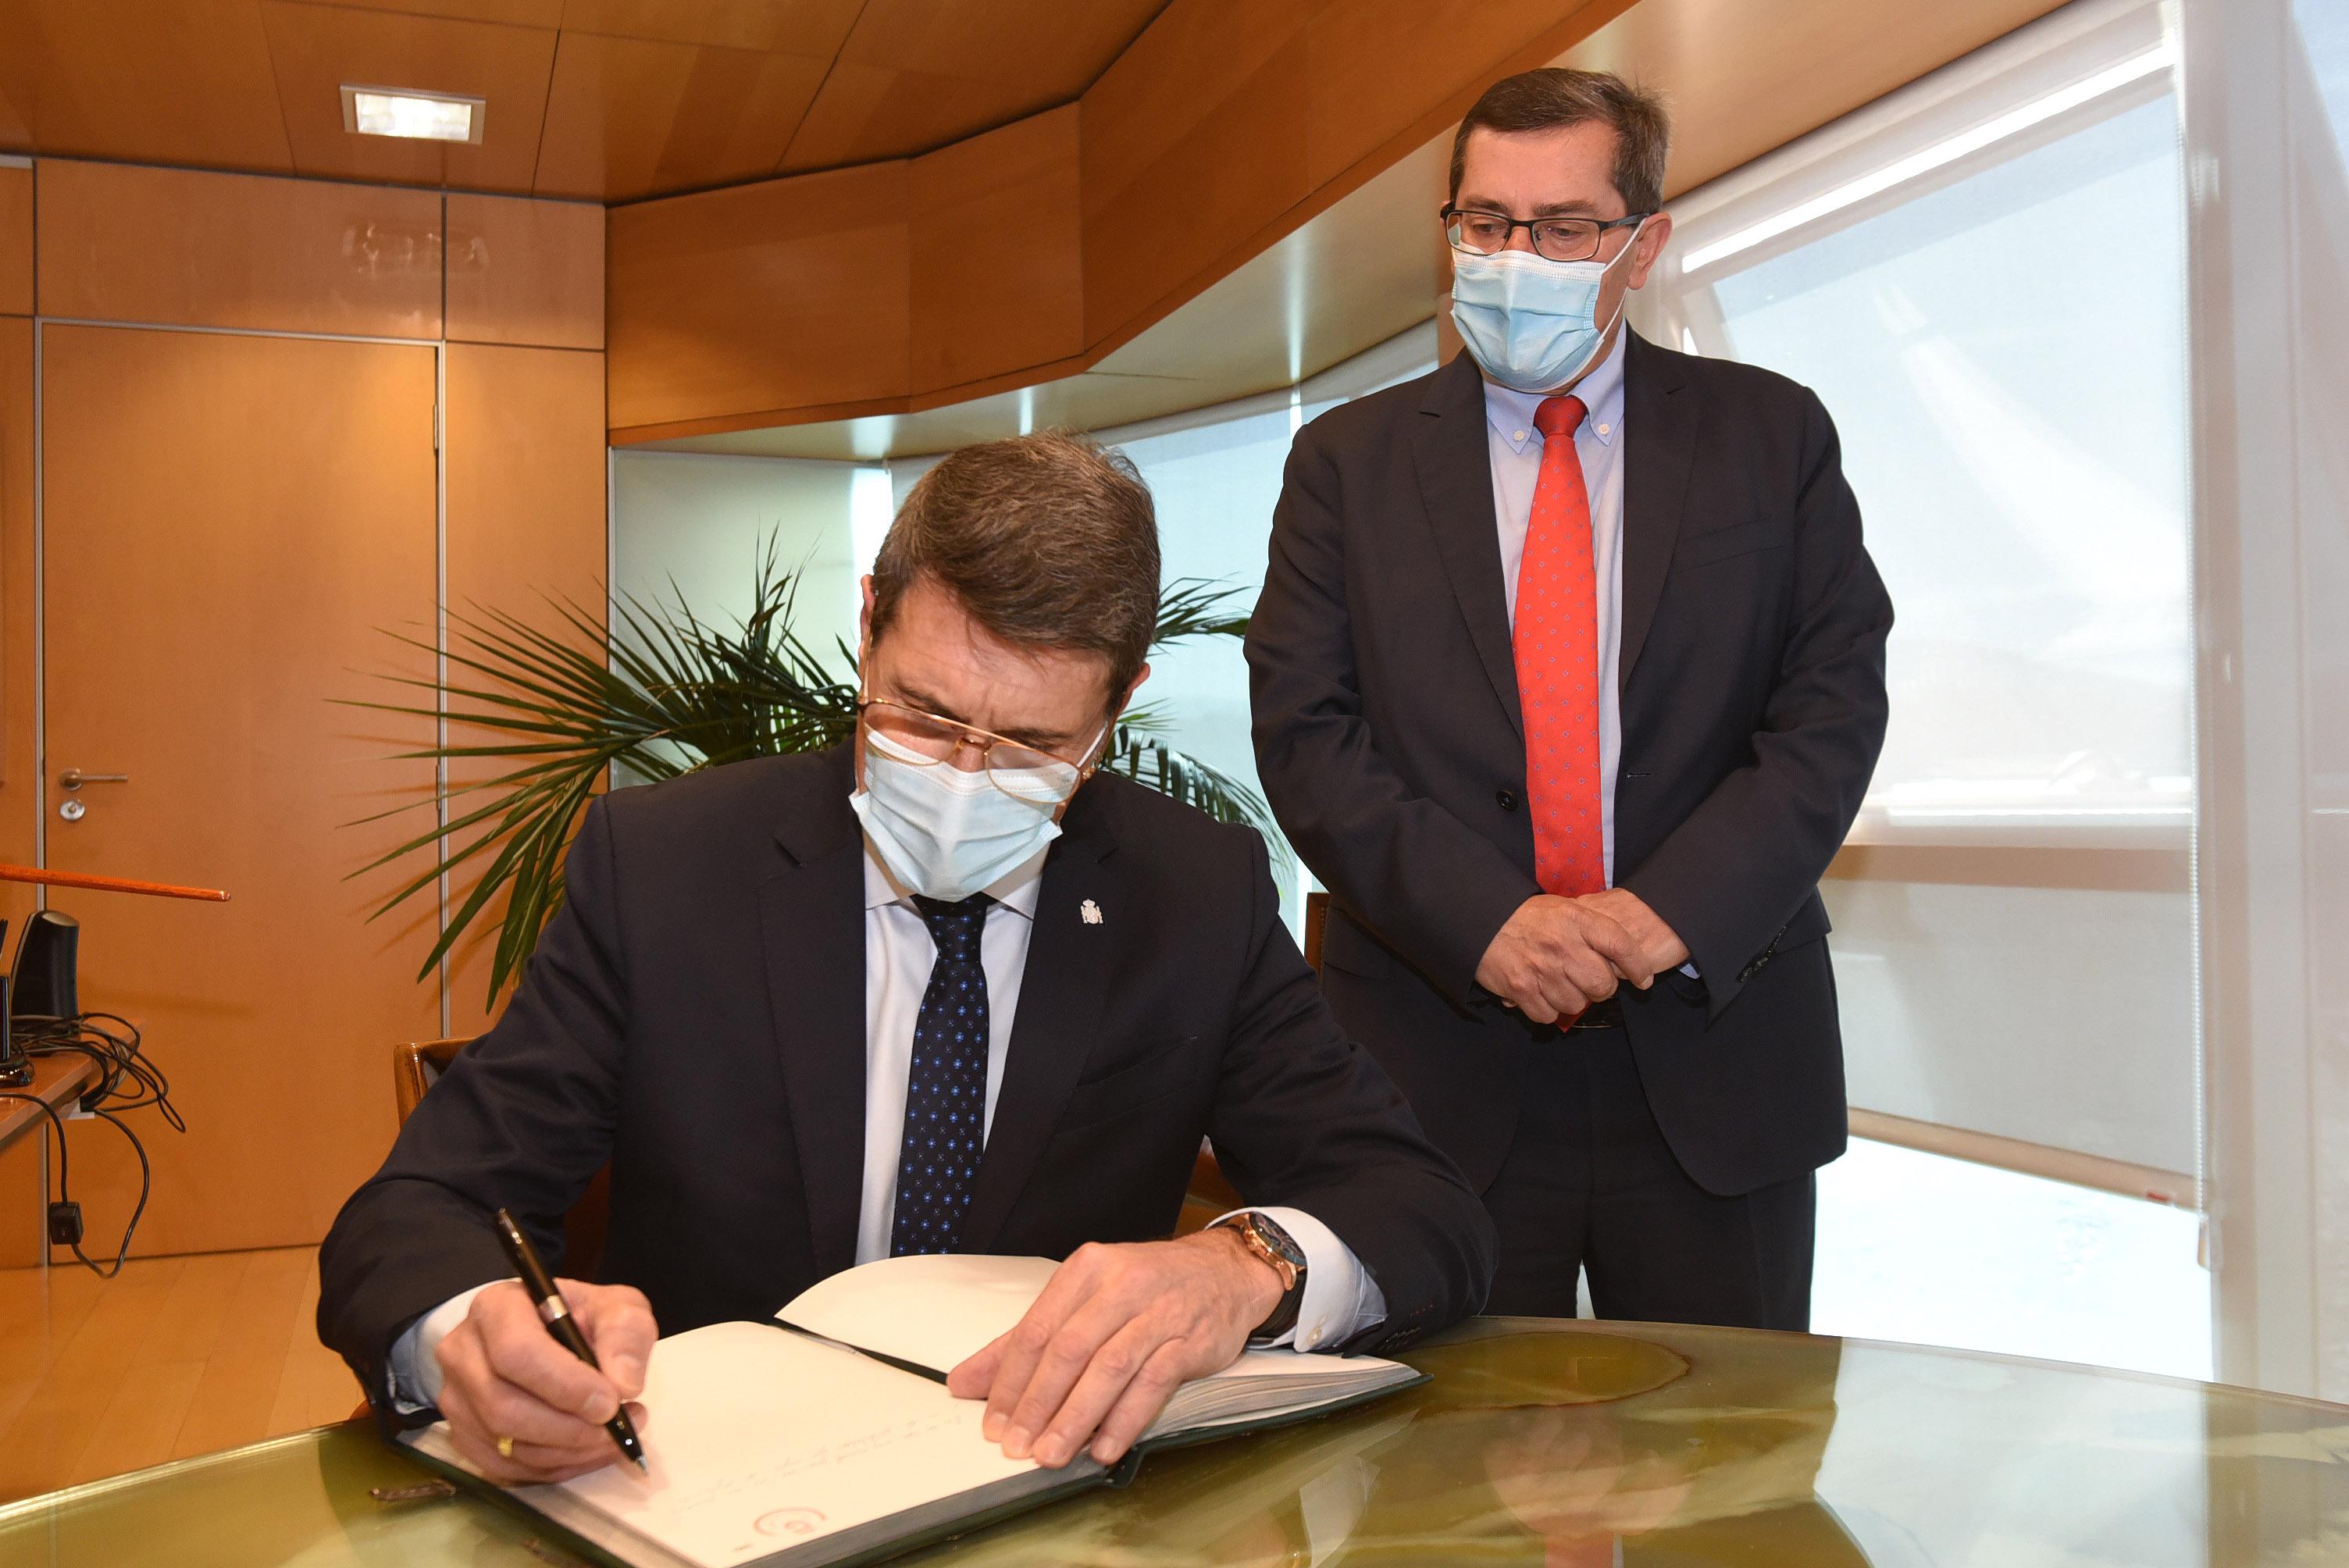 El presidente de la Diputación recibe al nuevo delegado del Gobierno de España en Andalucía